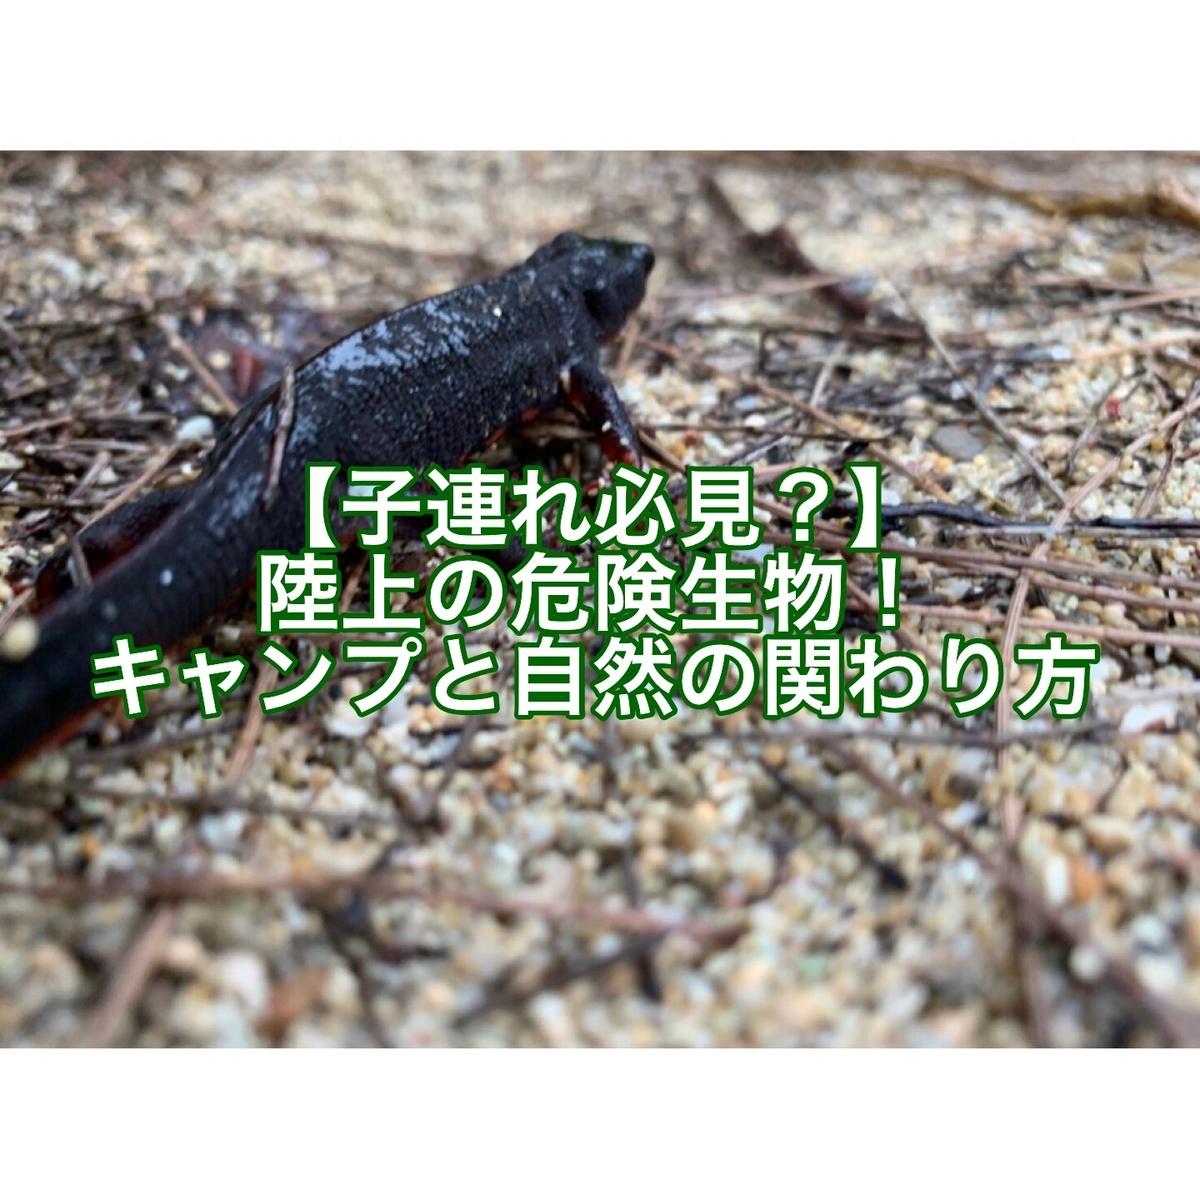 f:id:ushisaku:20190517192711j:plain